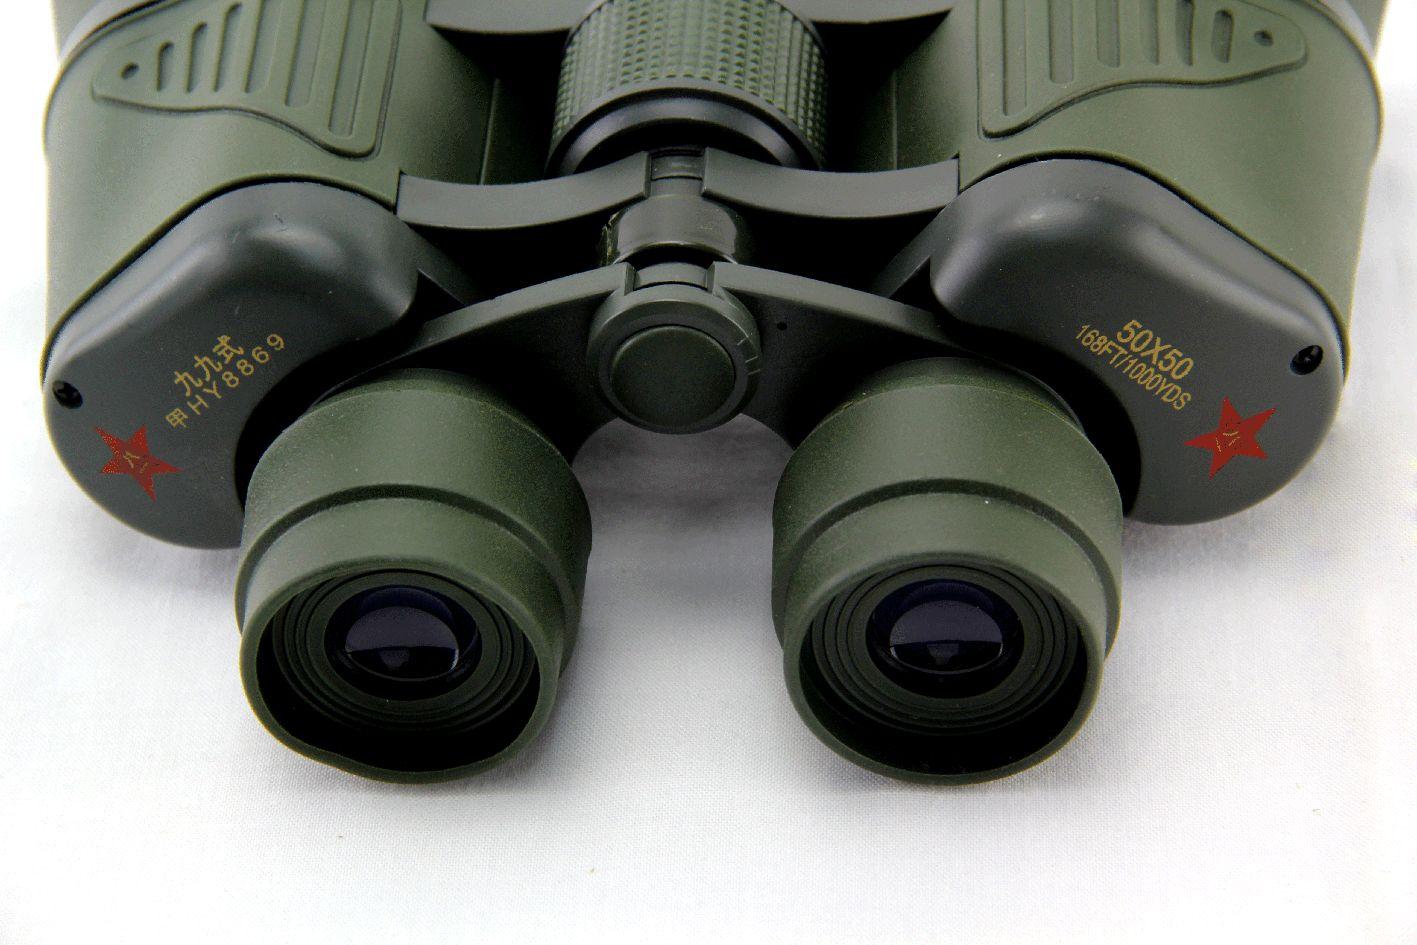 Fernglas nachtsicht kamera ᐅᐅ】fernglas mit nachtsicht